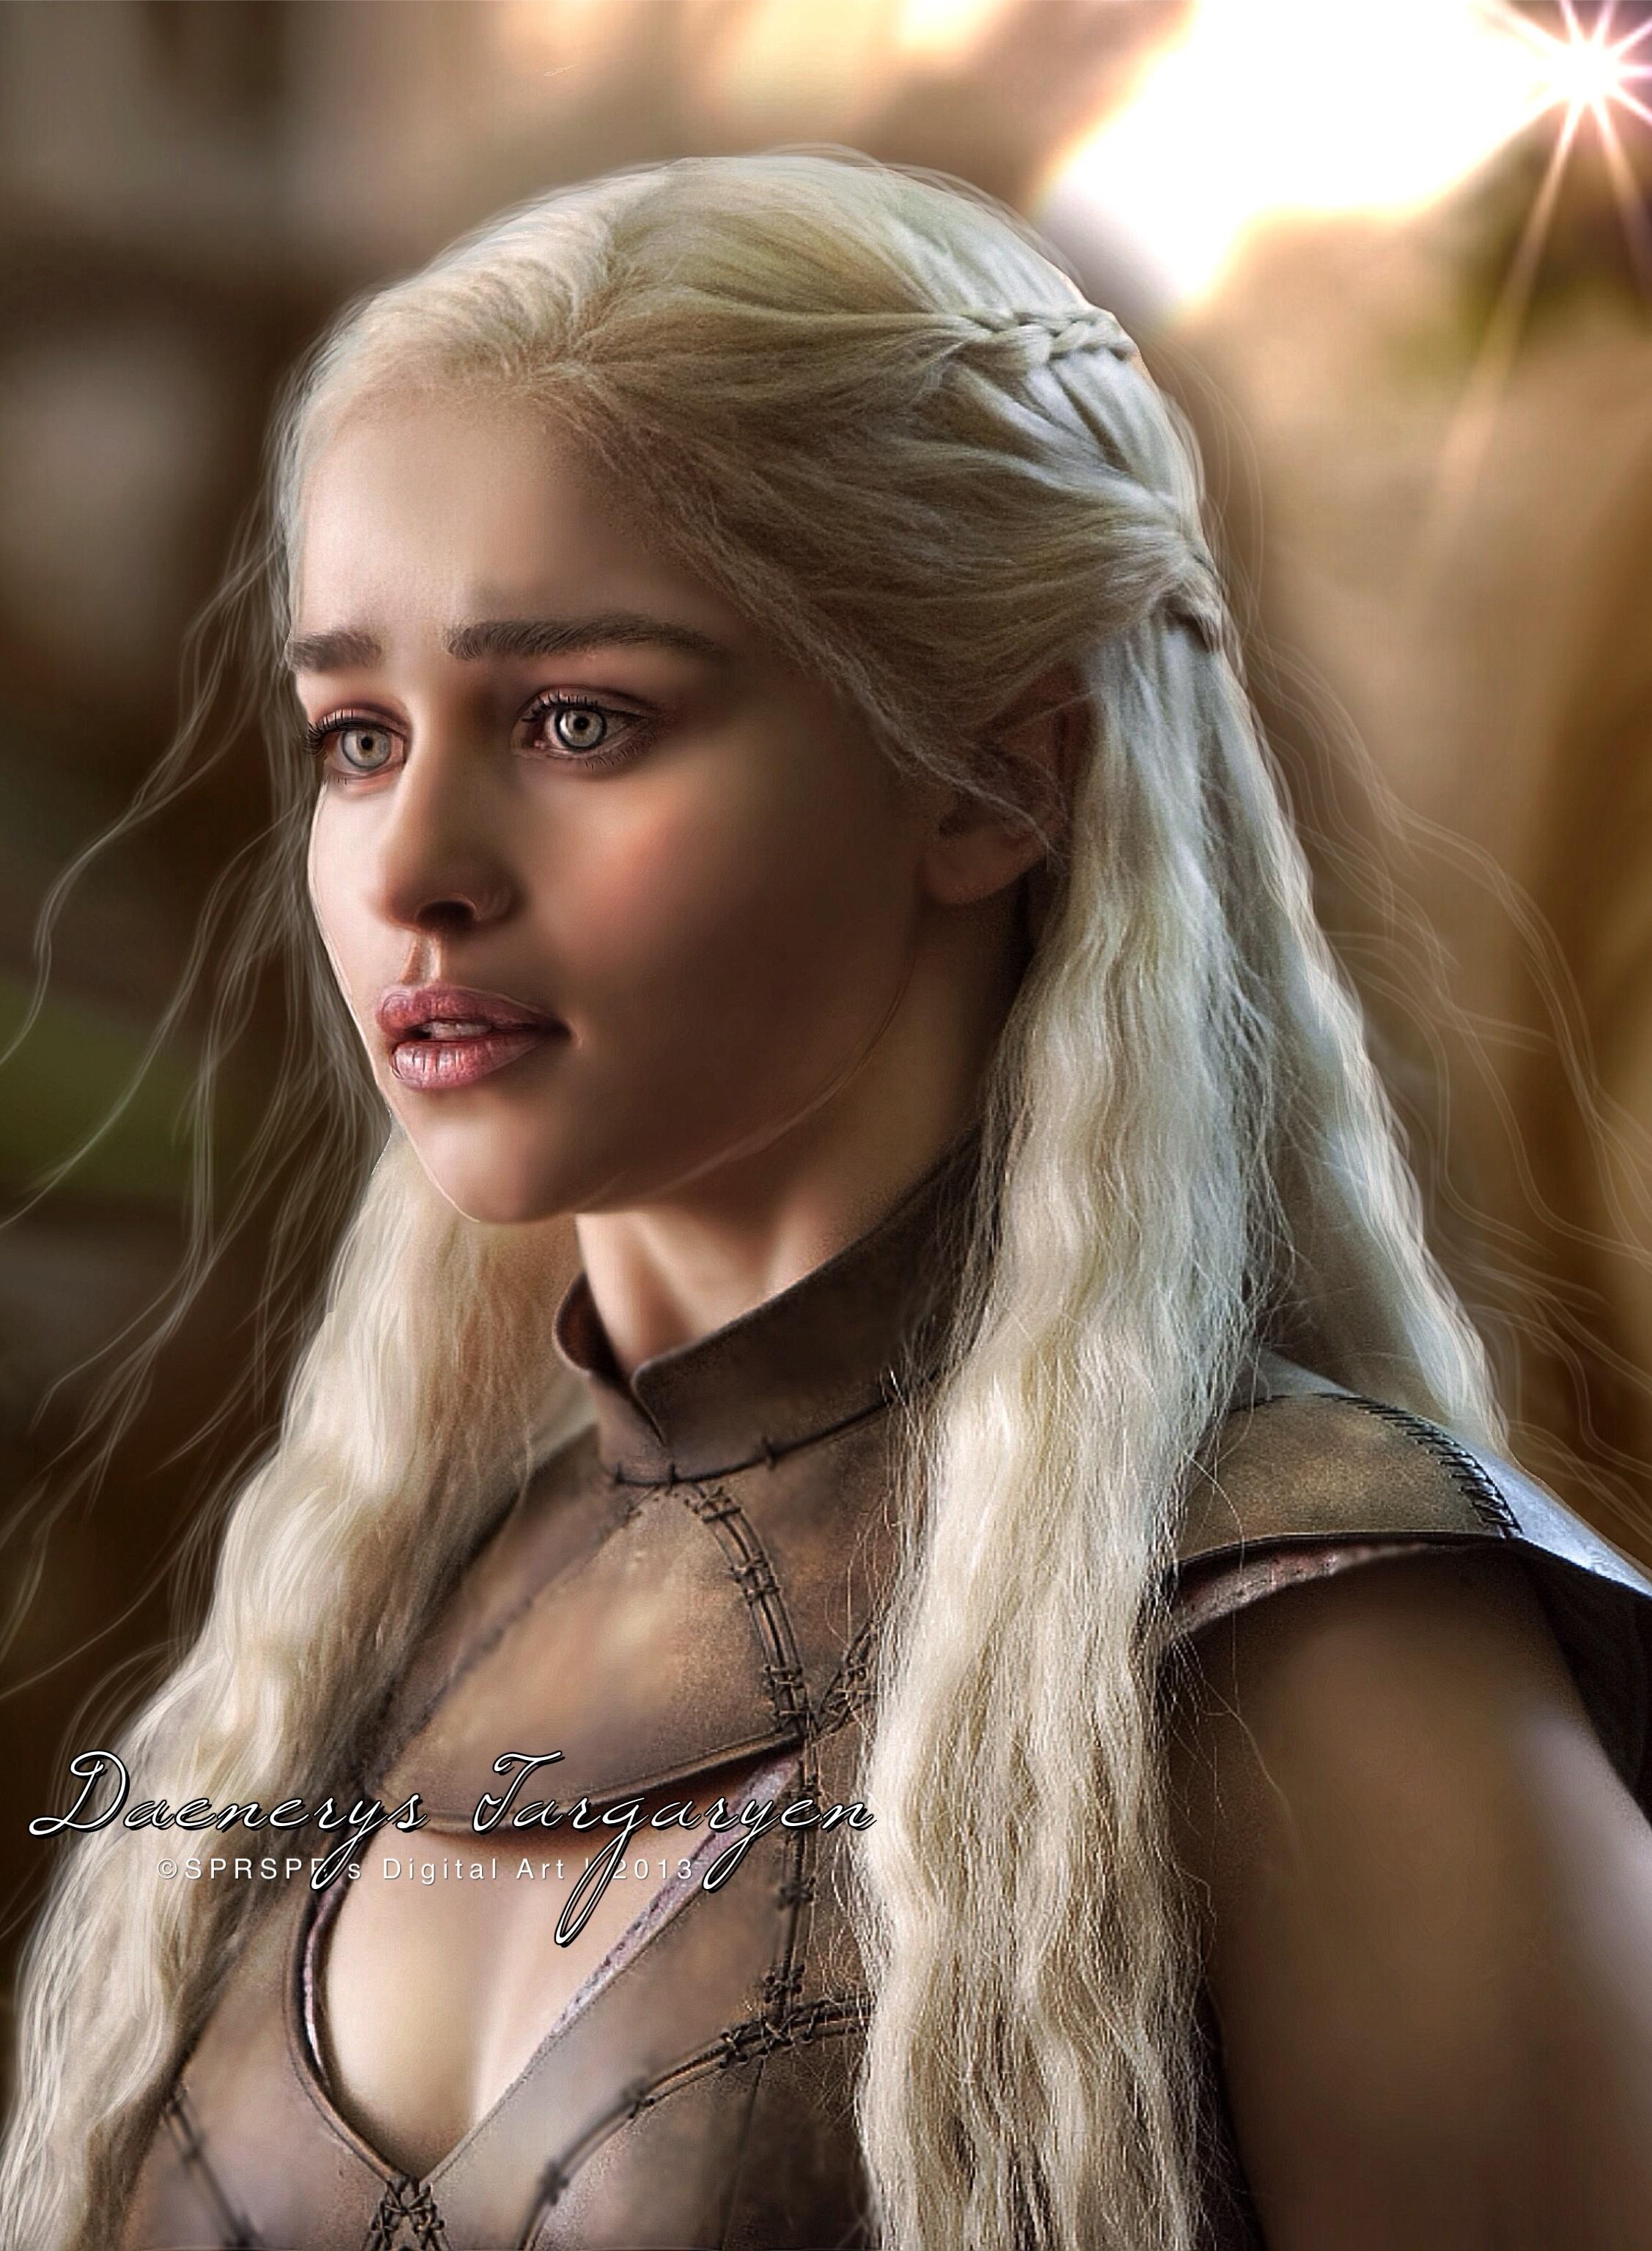 Daenerys Targaryen by SPRSPRsDigitalArt